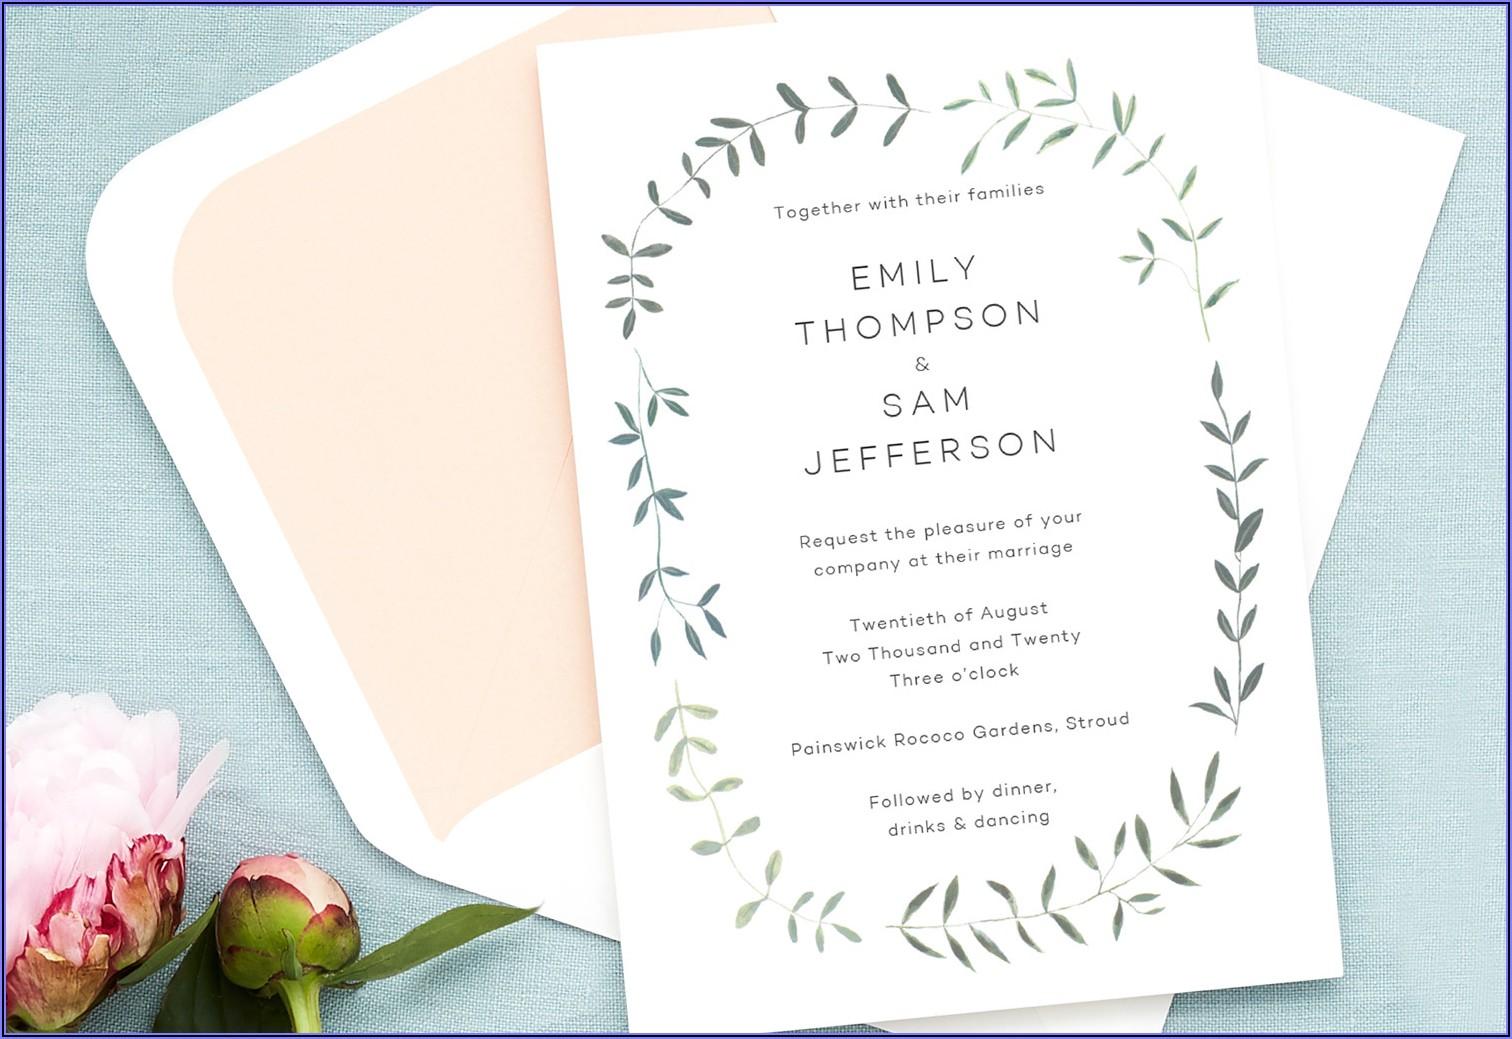 Sams Club Wedding Invitation Reviews